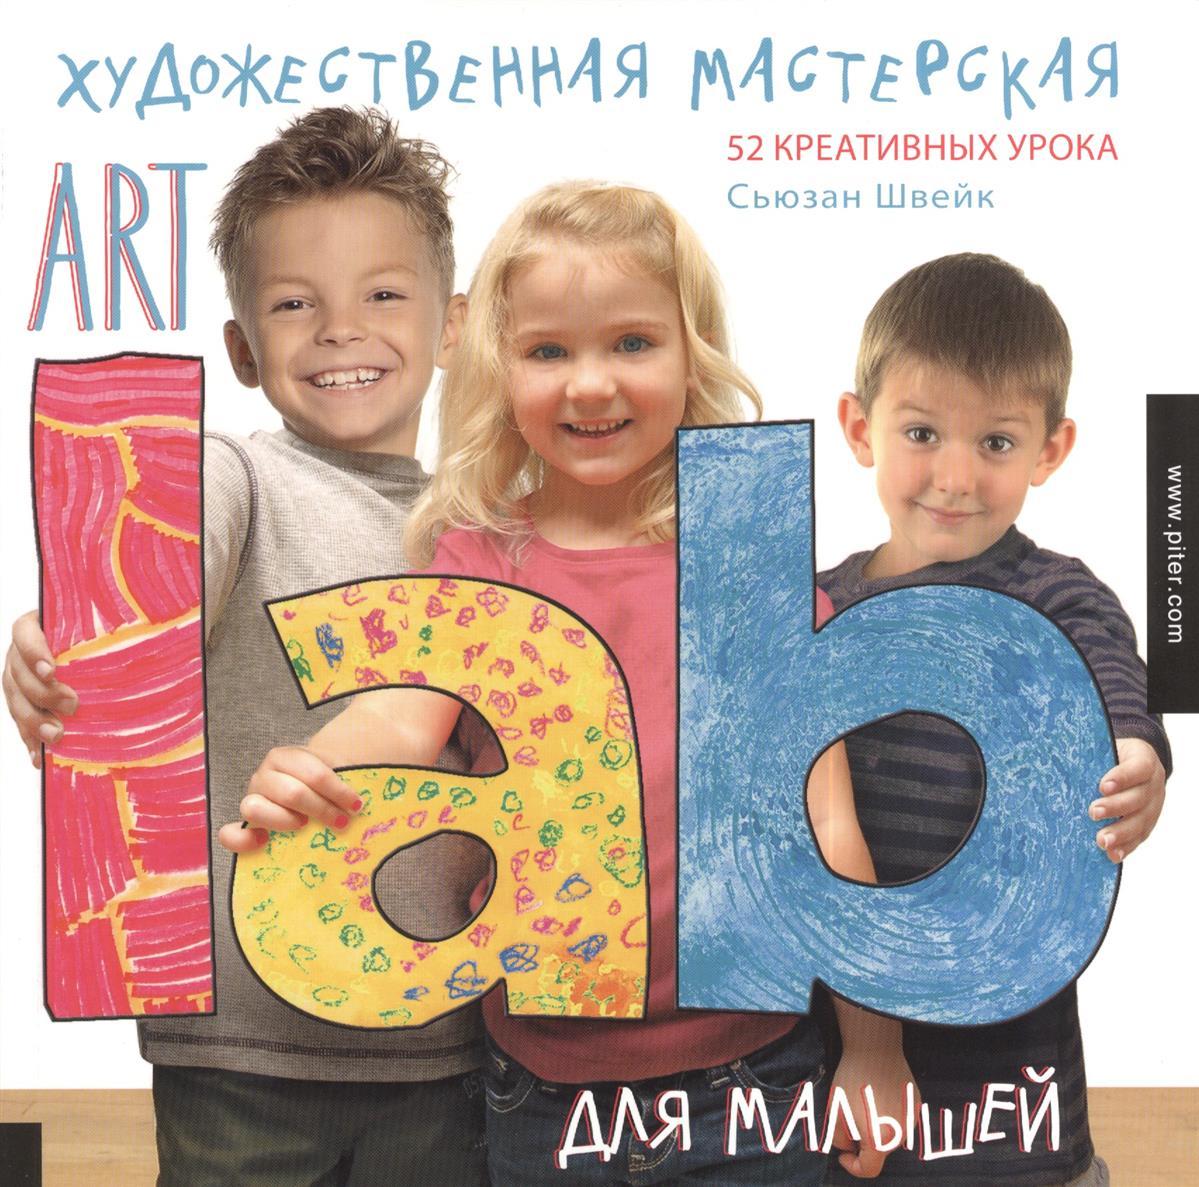 Швейк С. Художественная мастерская для малышей. 52 креативных урока цены